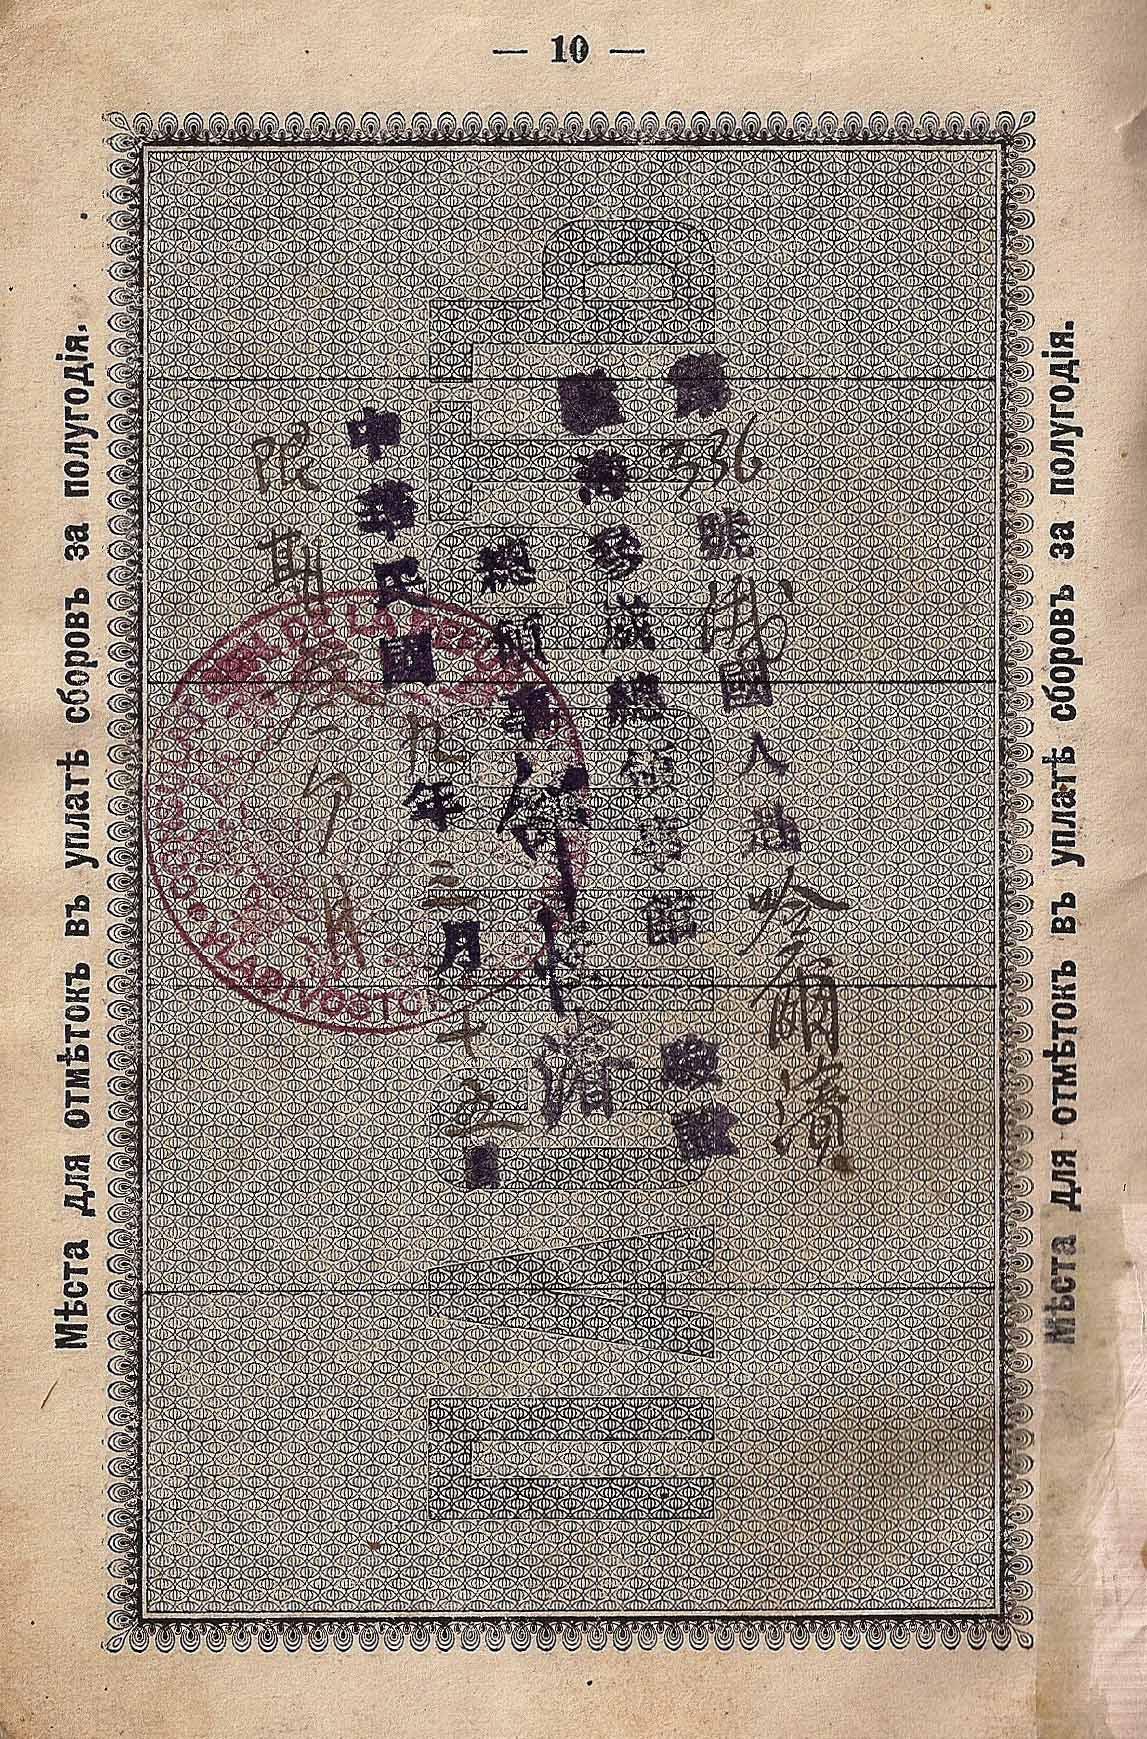 1920 Chinese consulate Vladivostok to Harbin